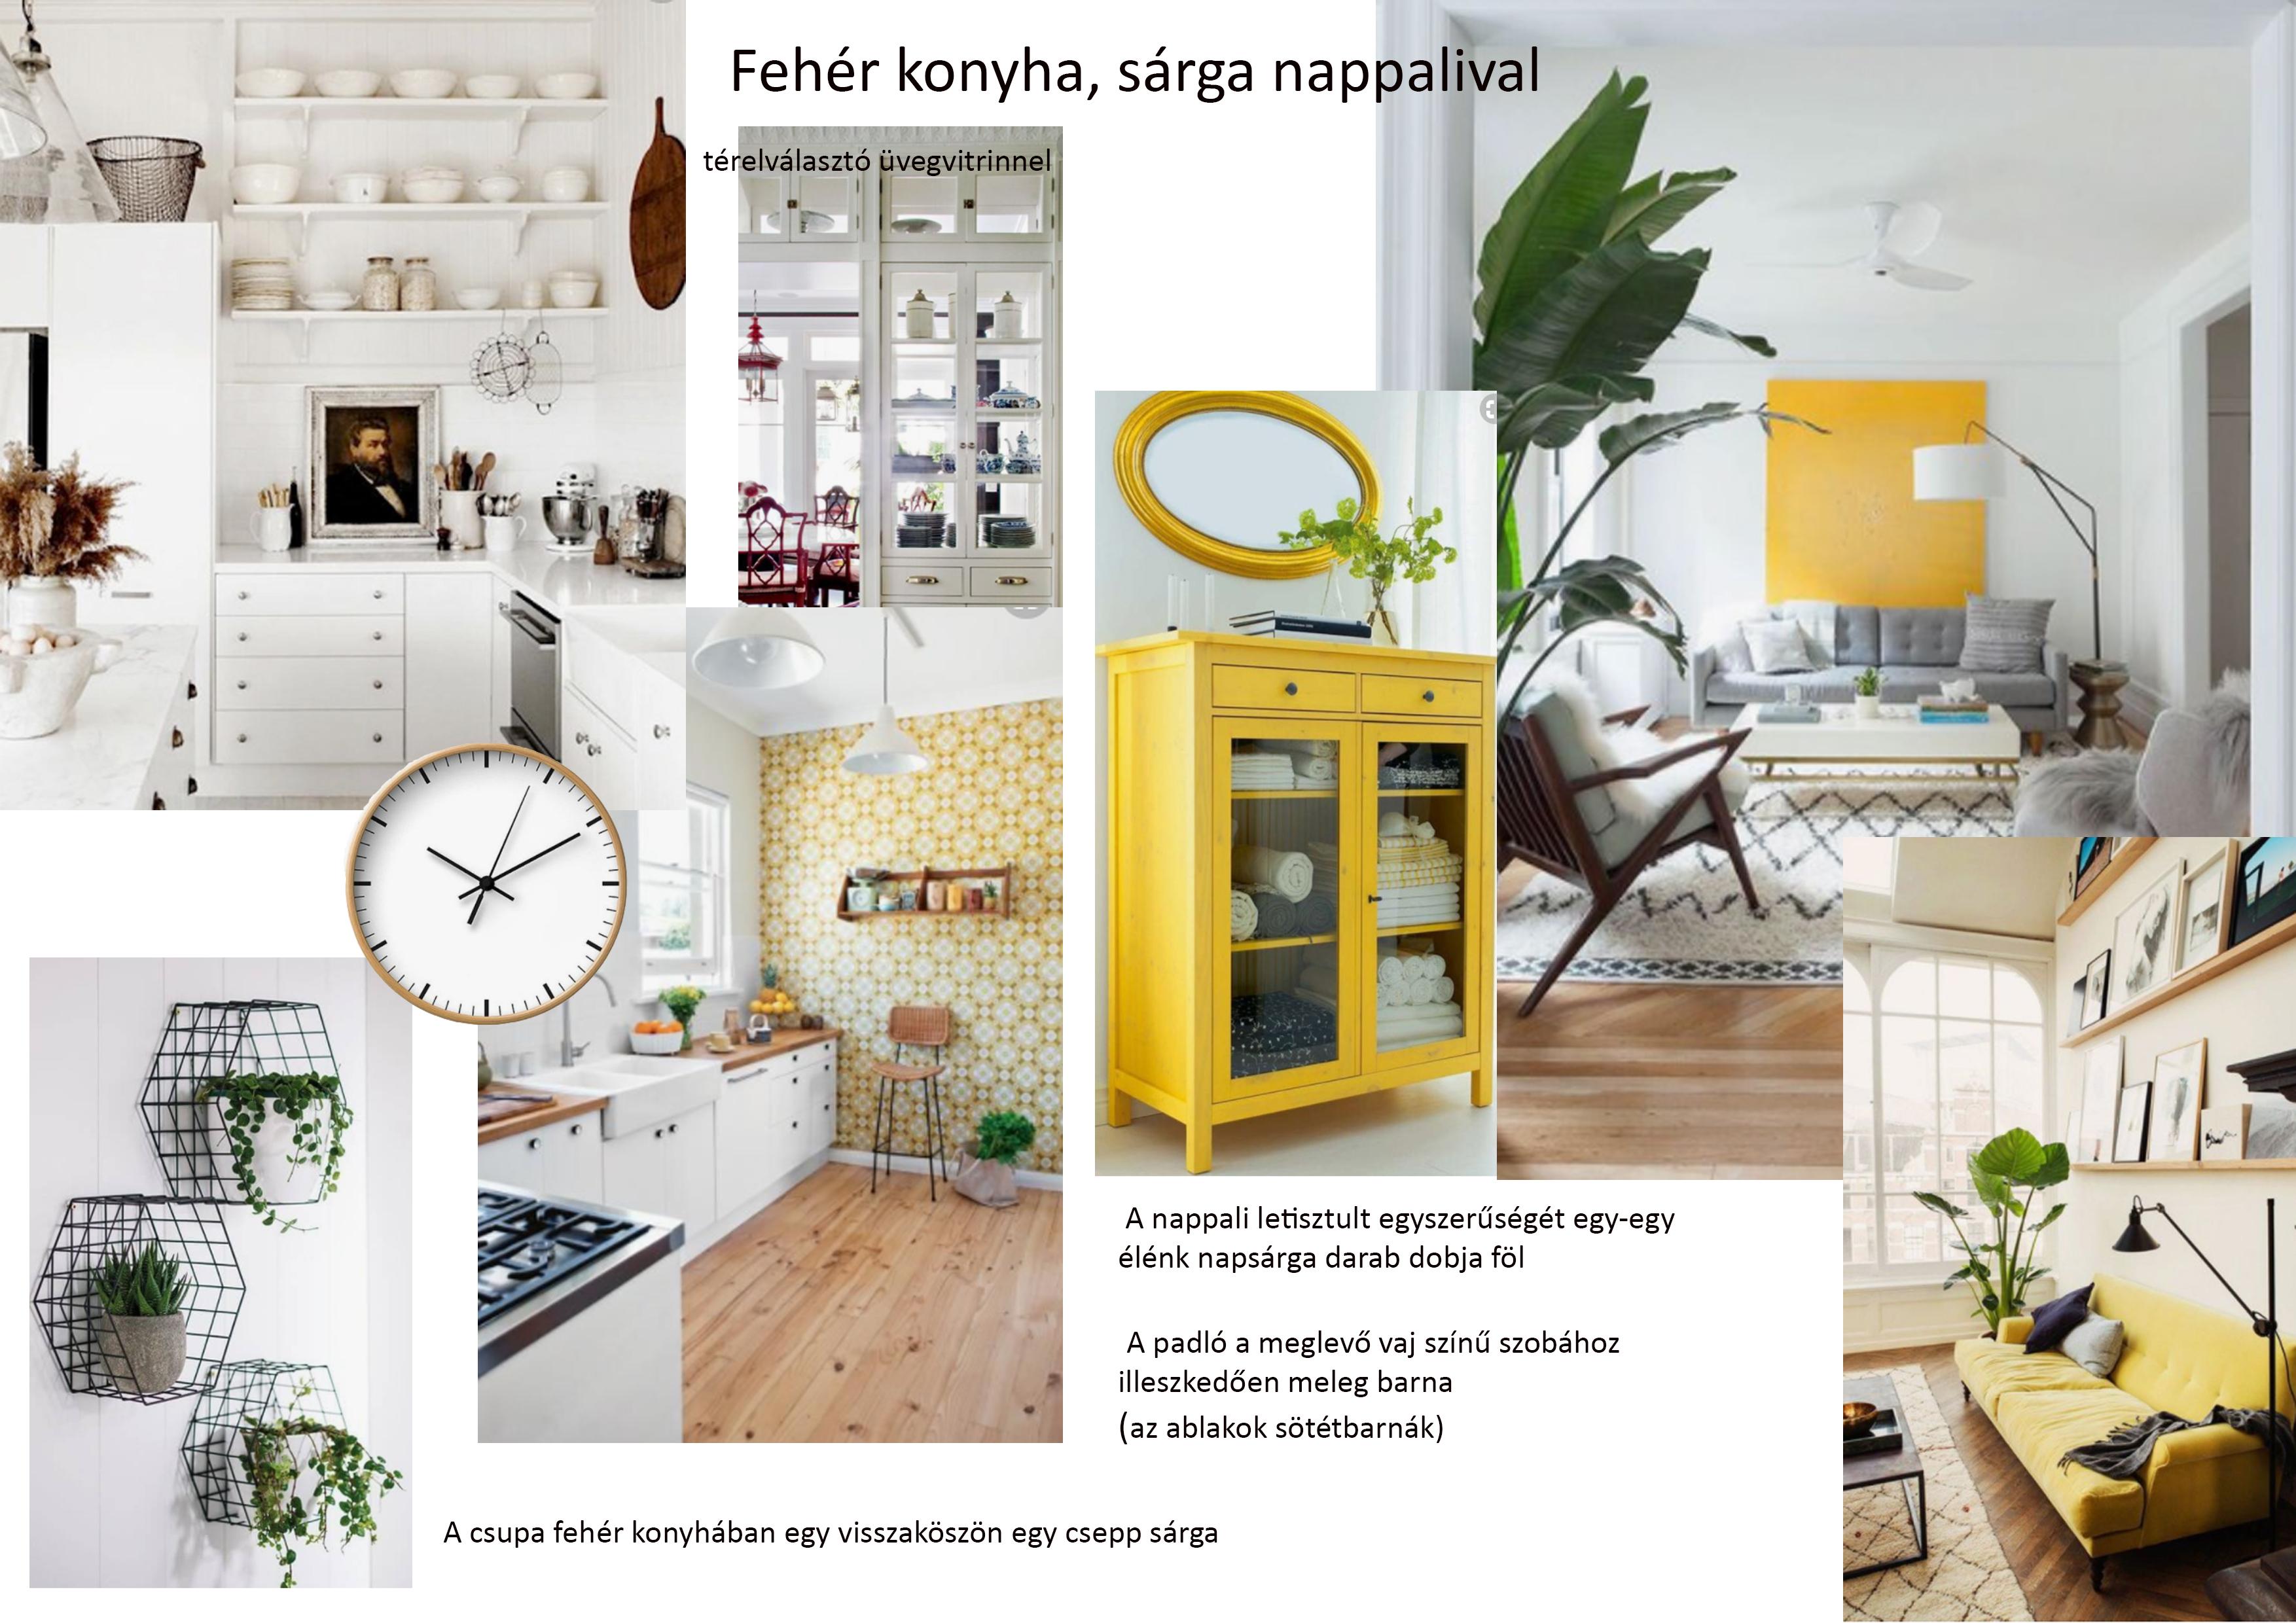 konyha_sarga_nappali_sarga_barna.jpg